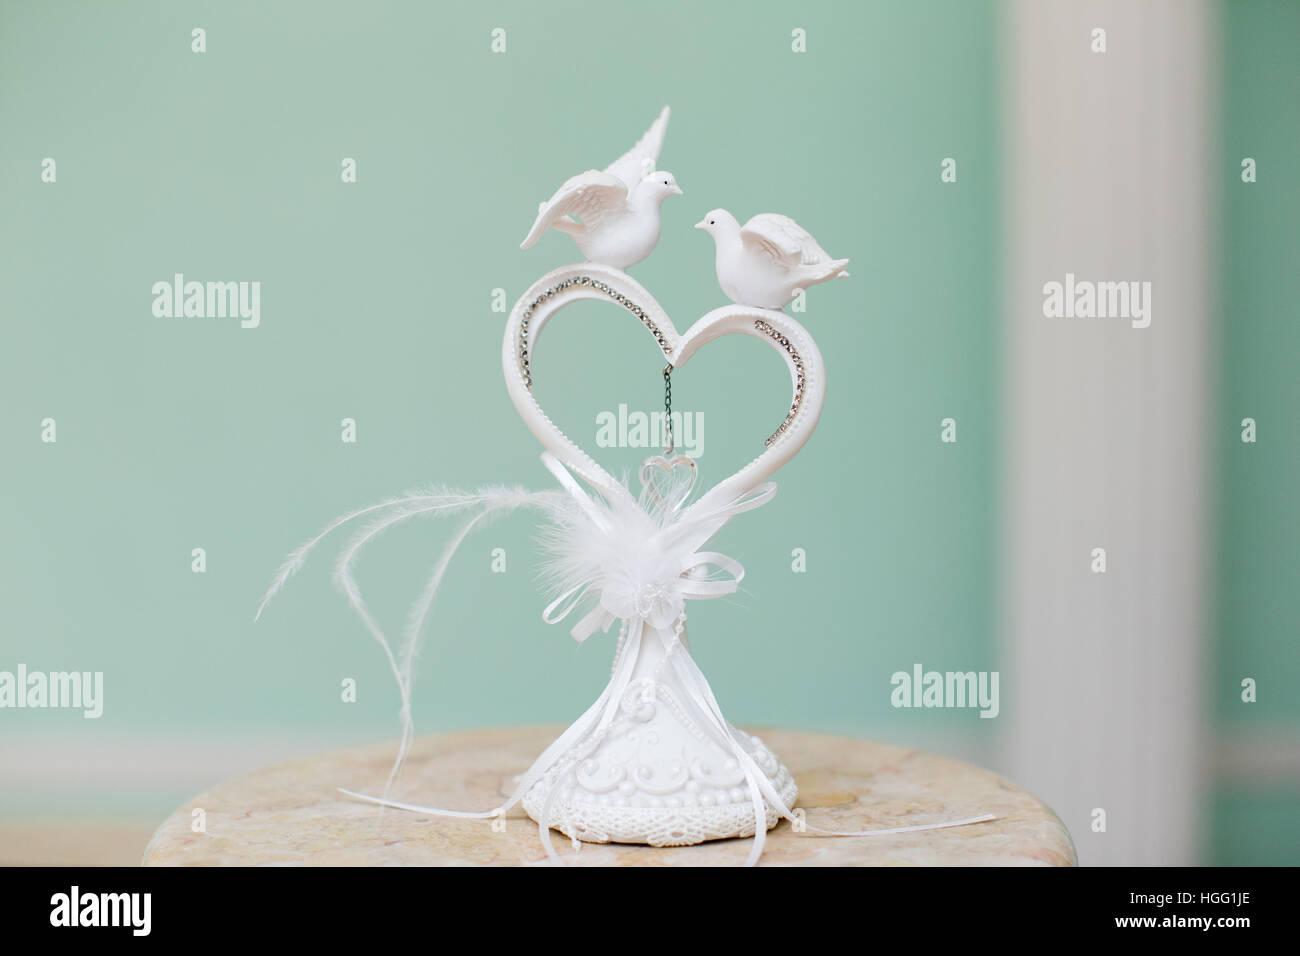 Hochzeit Dekoration Herz Mit Zwei Weissen Tauben Hochzeit Dekoration